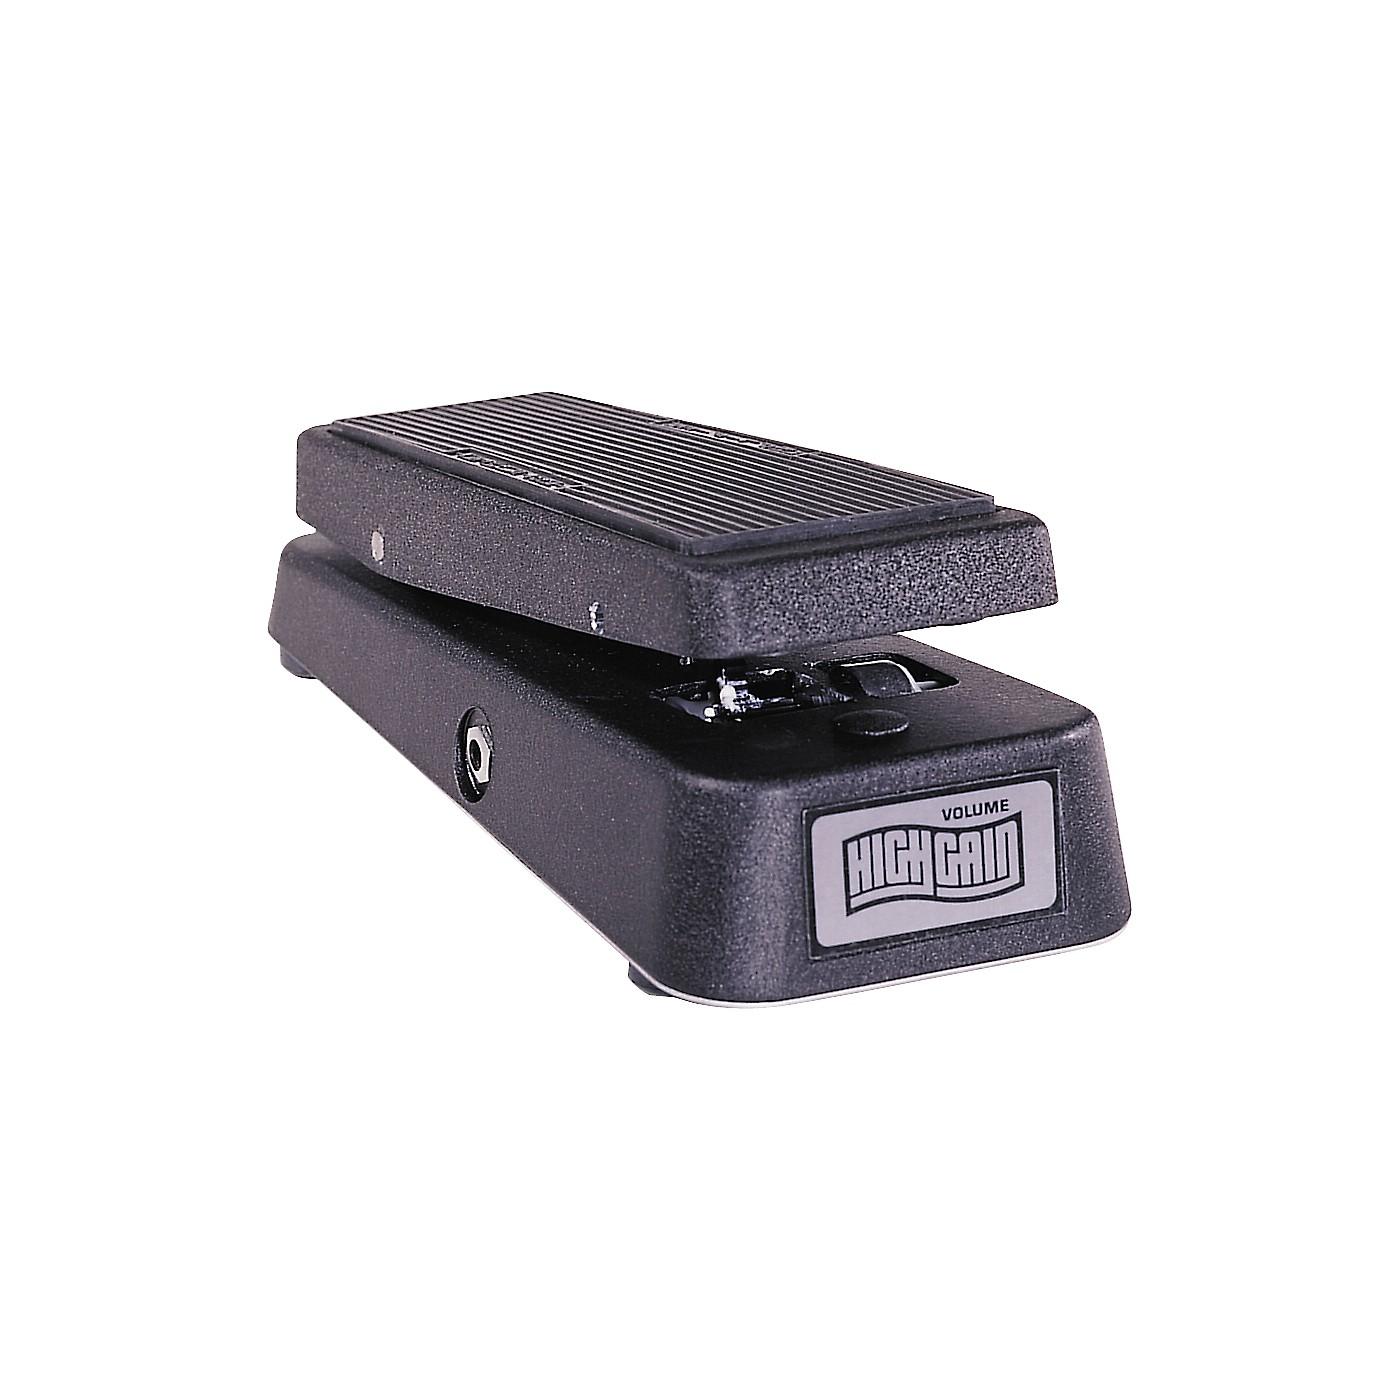 Dunlop GCB-80 High Gain Volume Pedal thumbnail